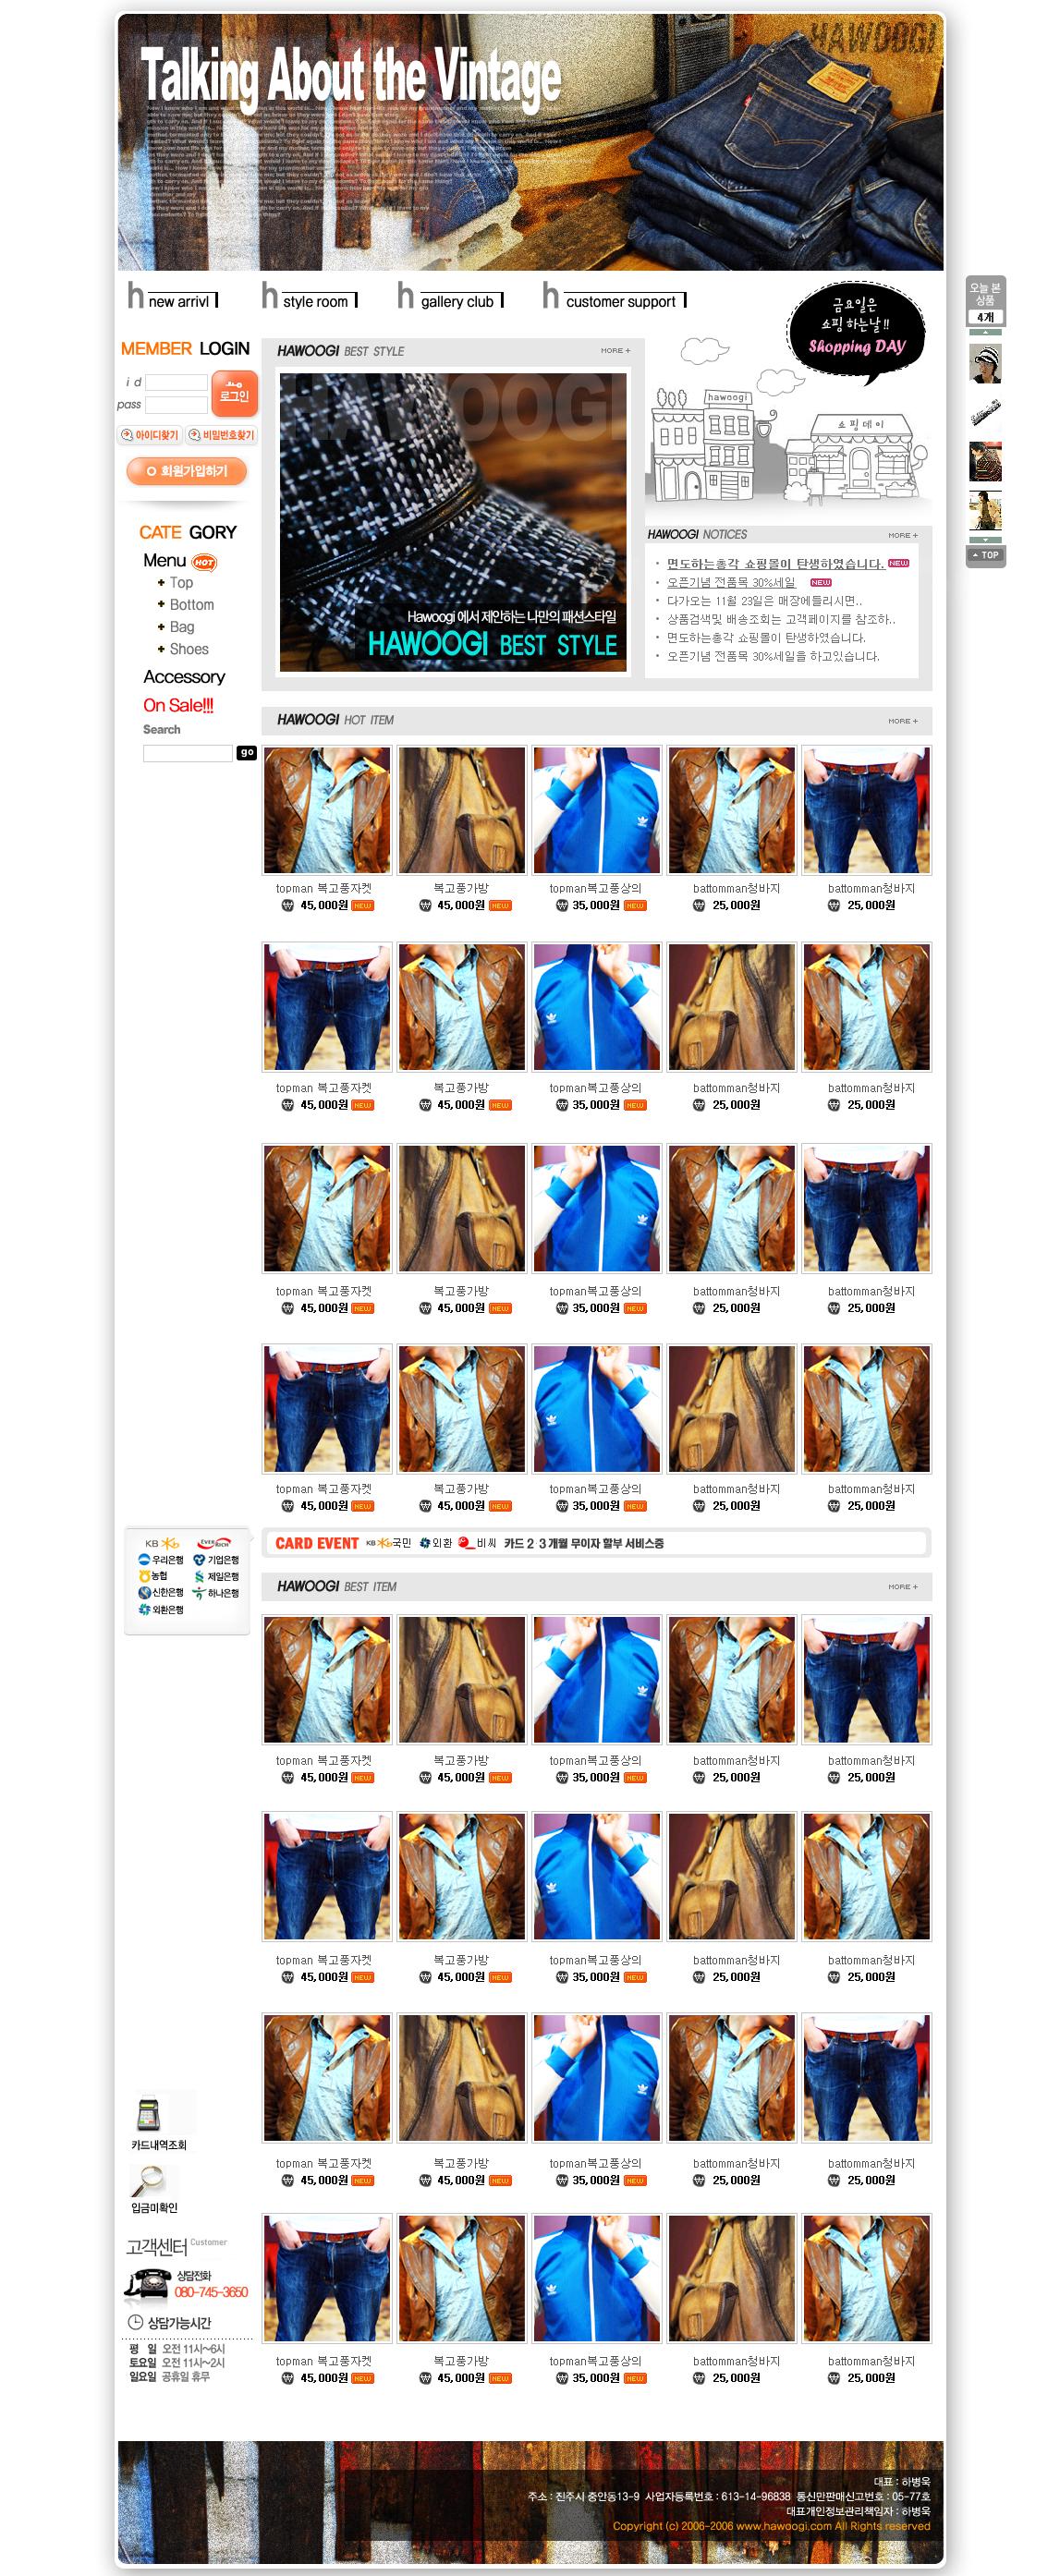 ユーザー挿入画像